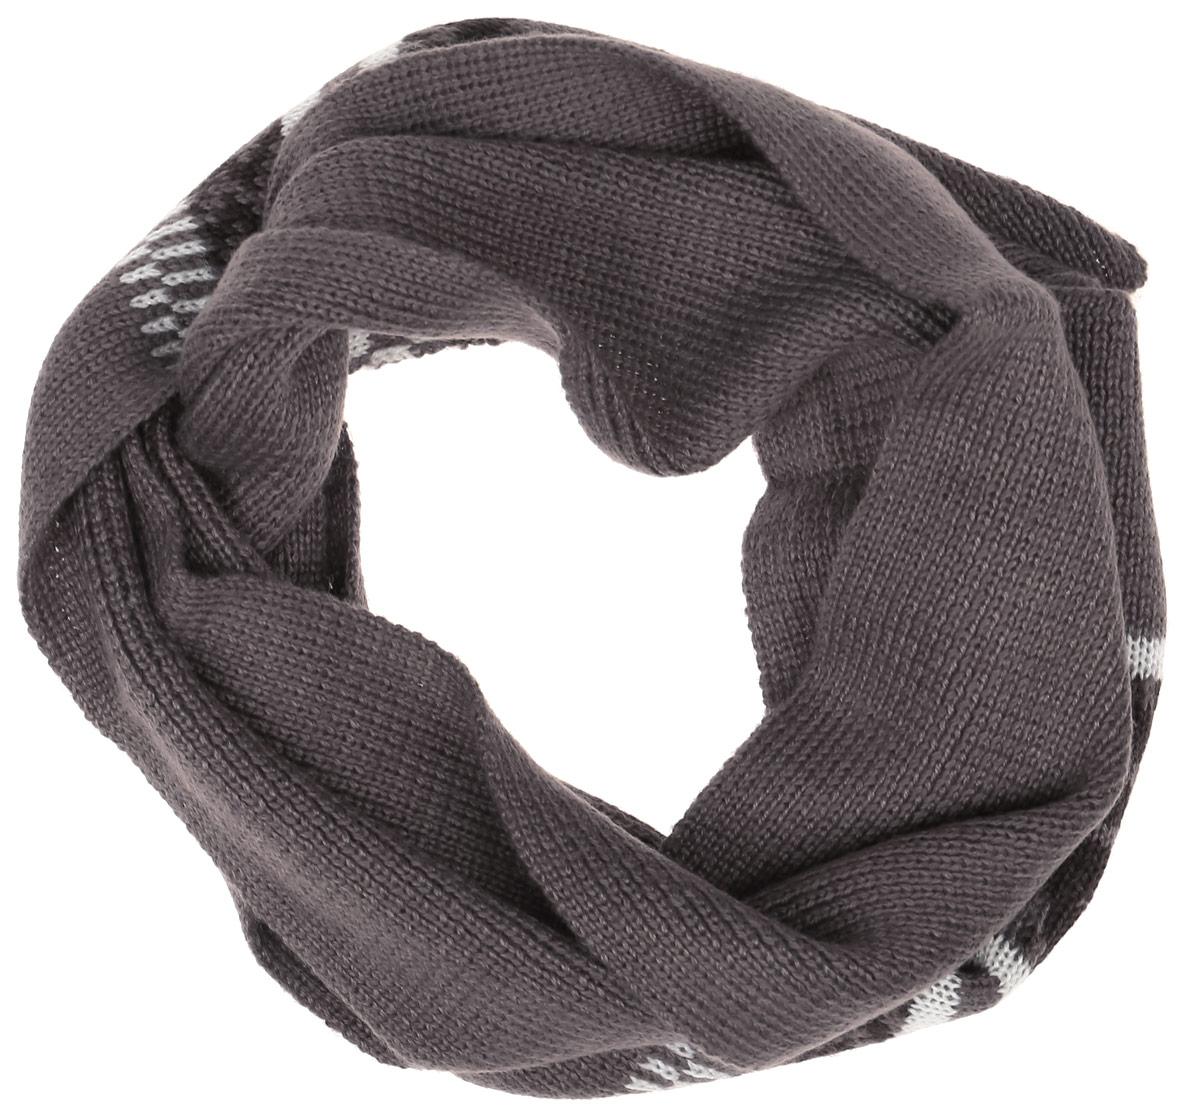 Шарф детскийSC-842/054AG-6404Теплый трикотажный шарф для мальчика Sela защитит вашего ребенка от сильного ветра и холода. Выполненный из акрила с добавлением шерсти, он мягкий и приятный на ощупь. Модель оформлена полосками и узорами. Такой шарф станет стильным предметом детского гардероба. В нем ваш ребенок будет чувствовать себя тепло, уютно и комфортно.